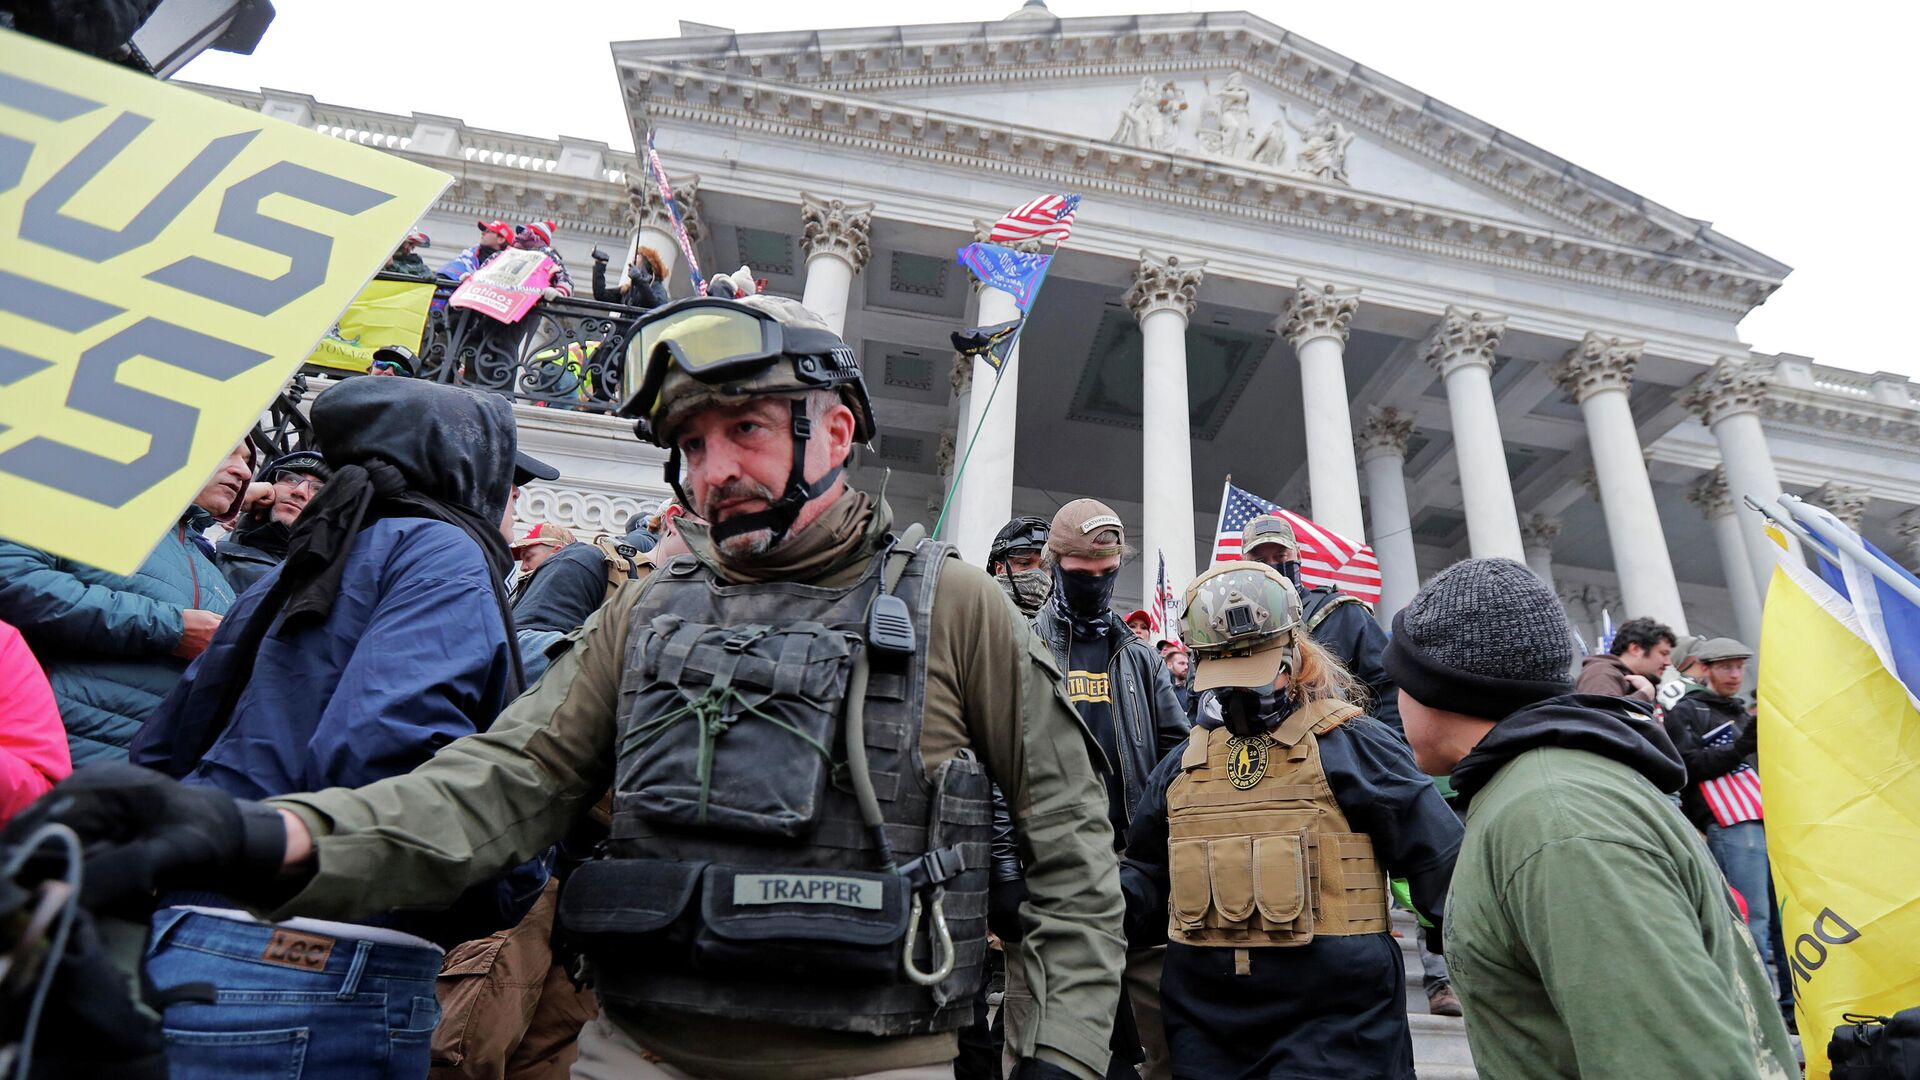 Члены организации Oath Keepers во время штурма Капитолия в Вашингтоне  - РИА Новости, 1920, 16.02.2021